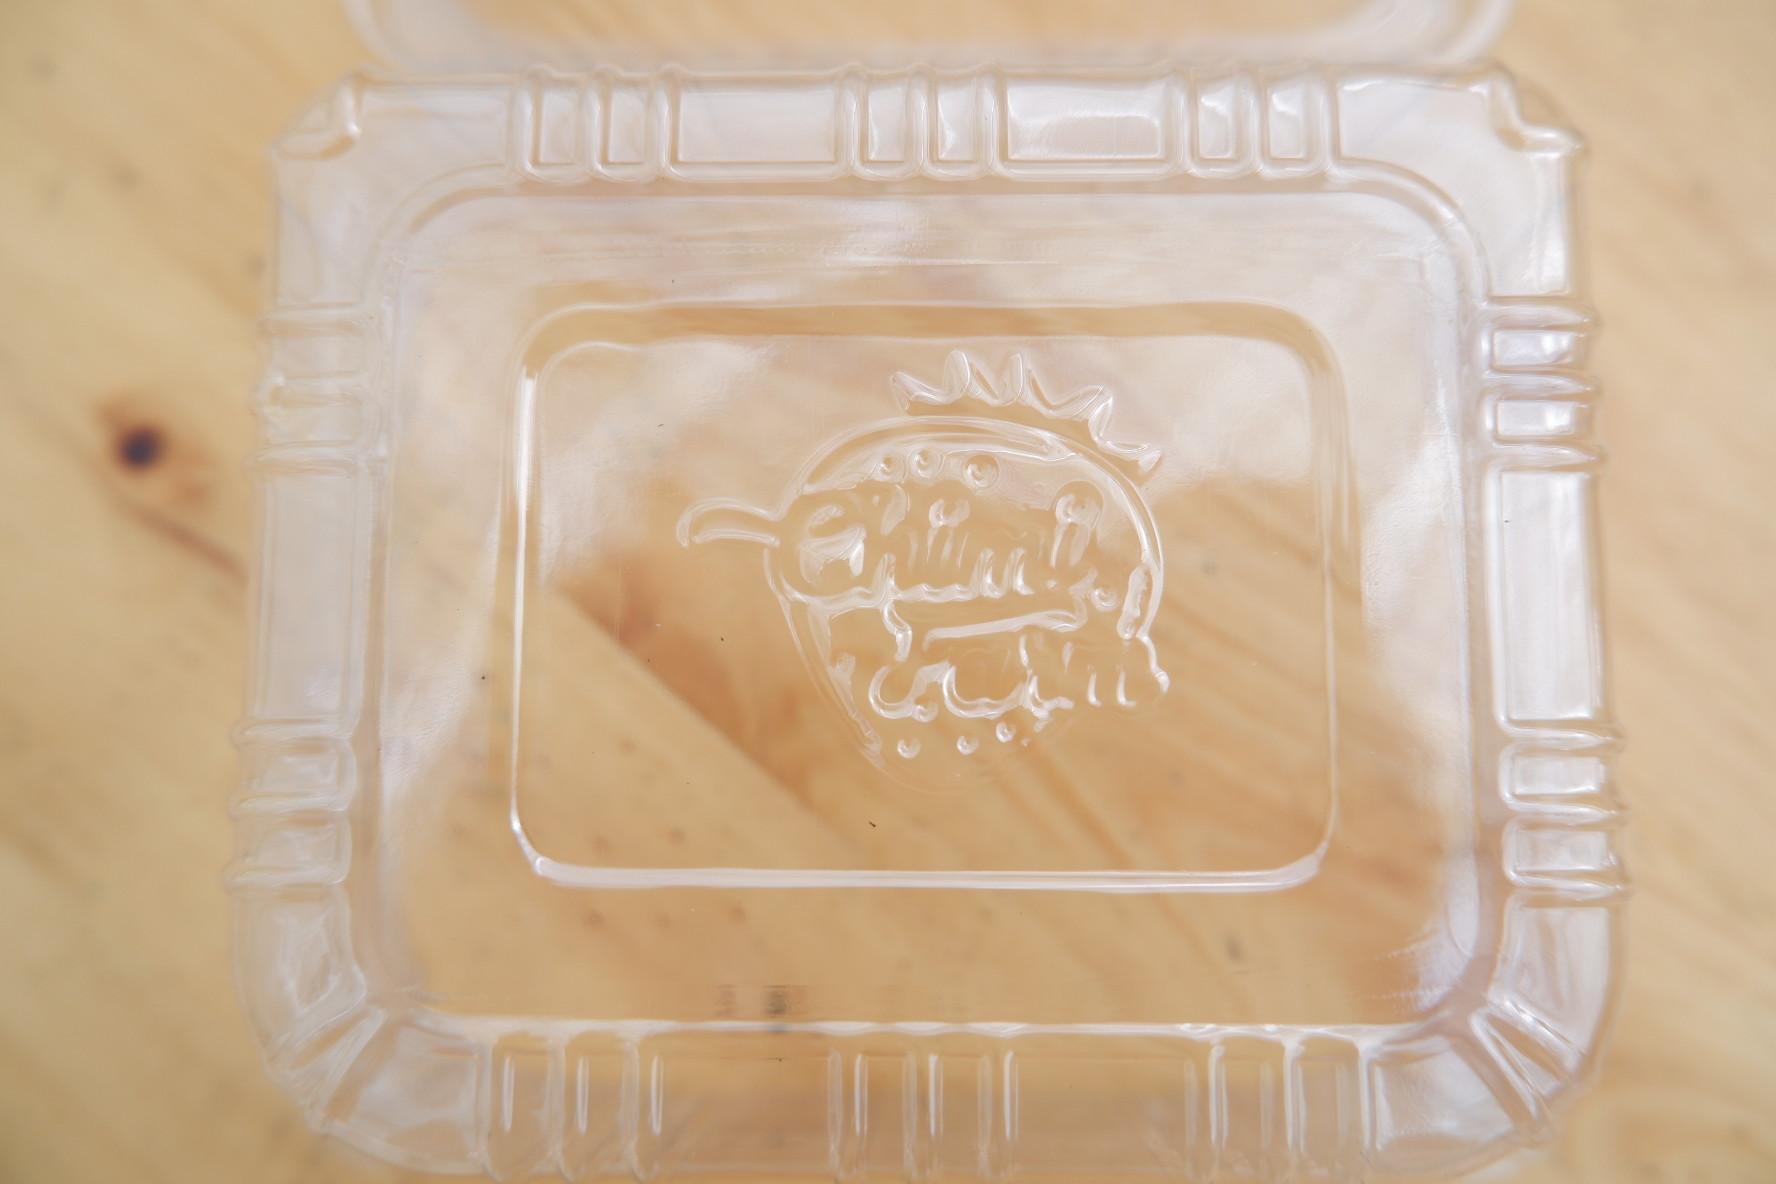 Logo in dập nổi để nhận diện thương hiệu Chimi Farm